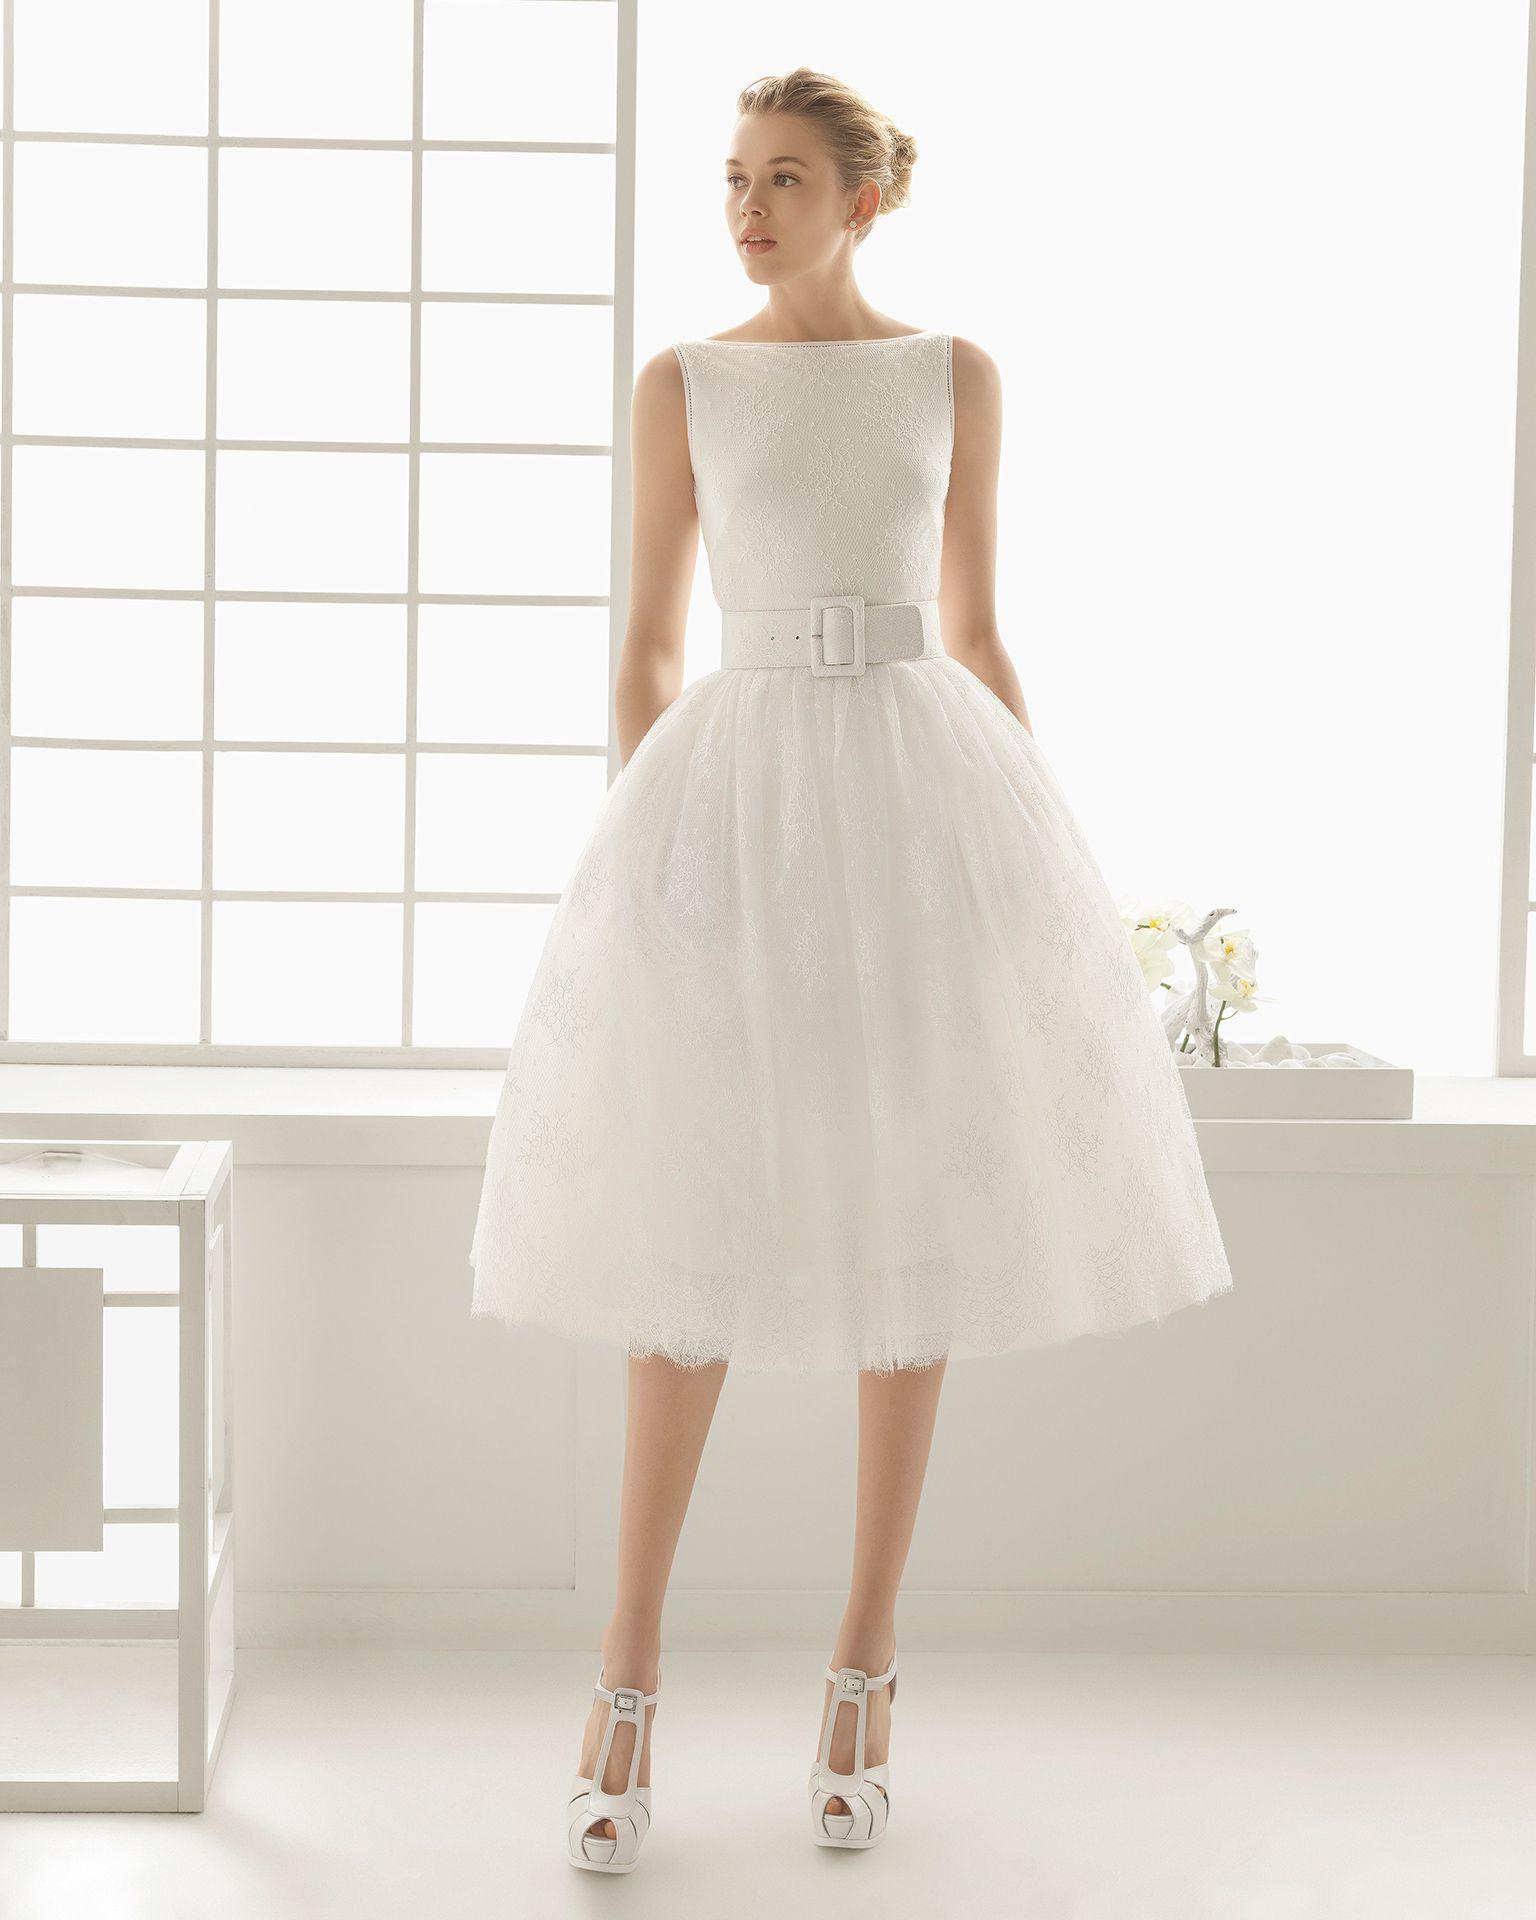 Vestidos de novia y vestidos de fiesta | Falda corta, Vainicas y ...